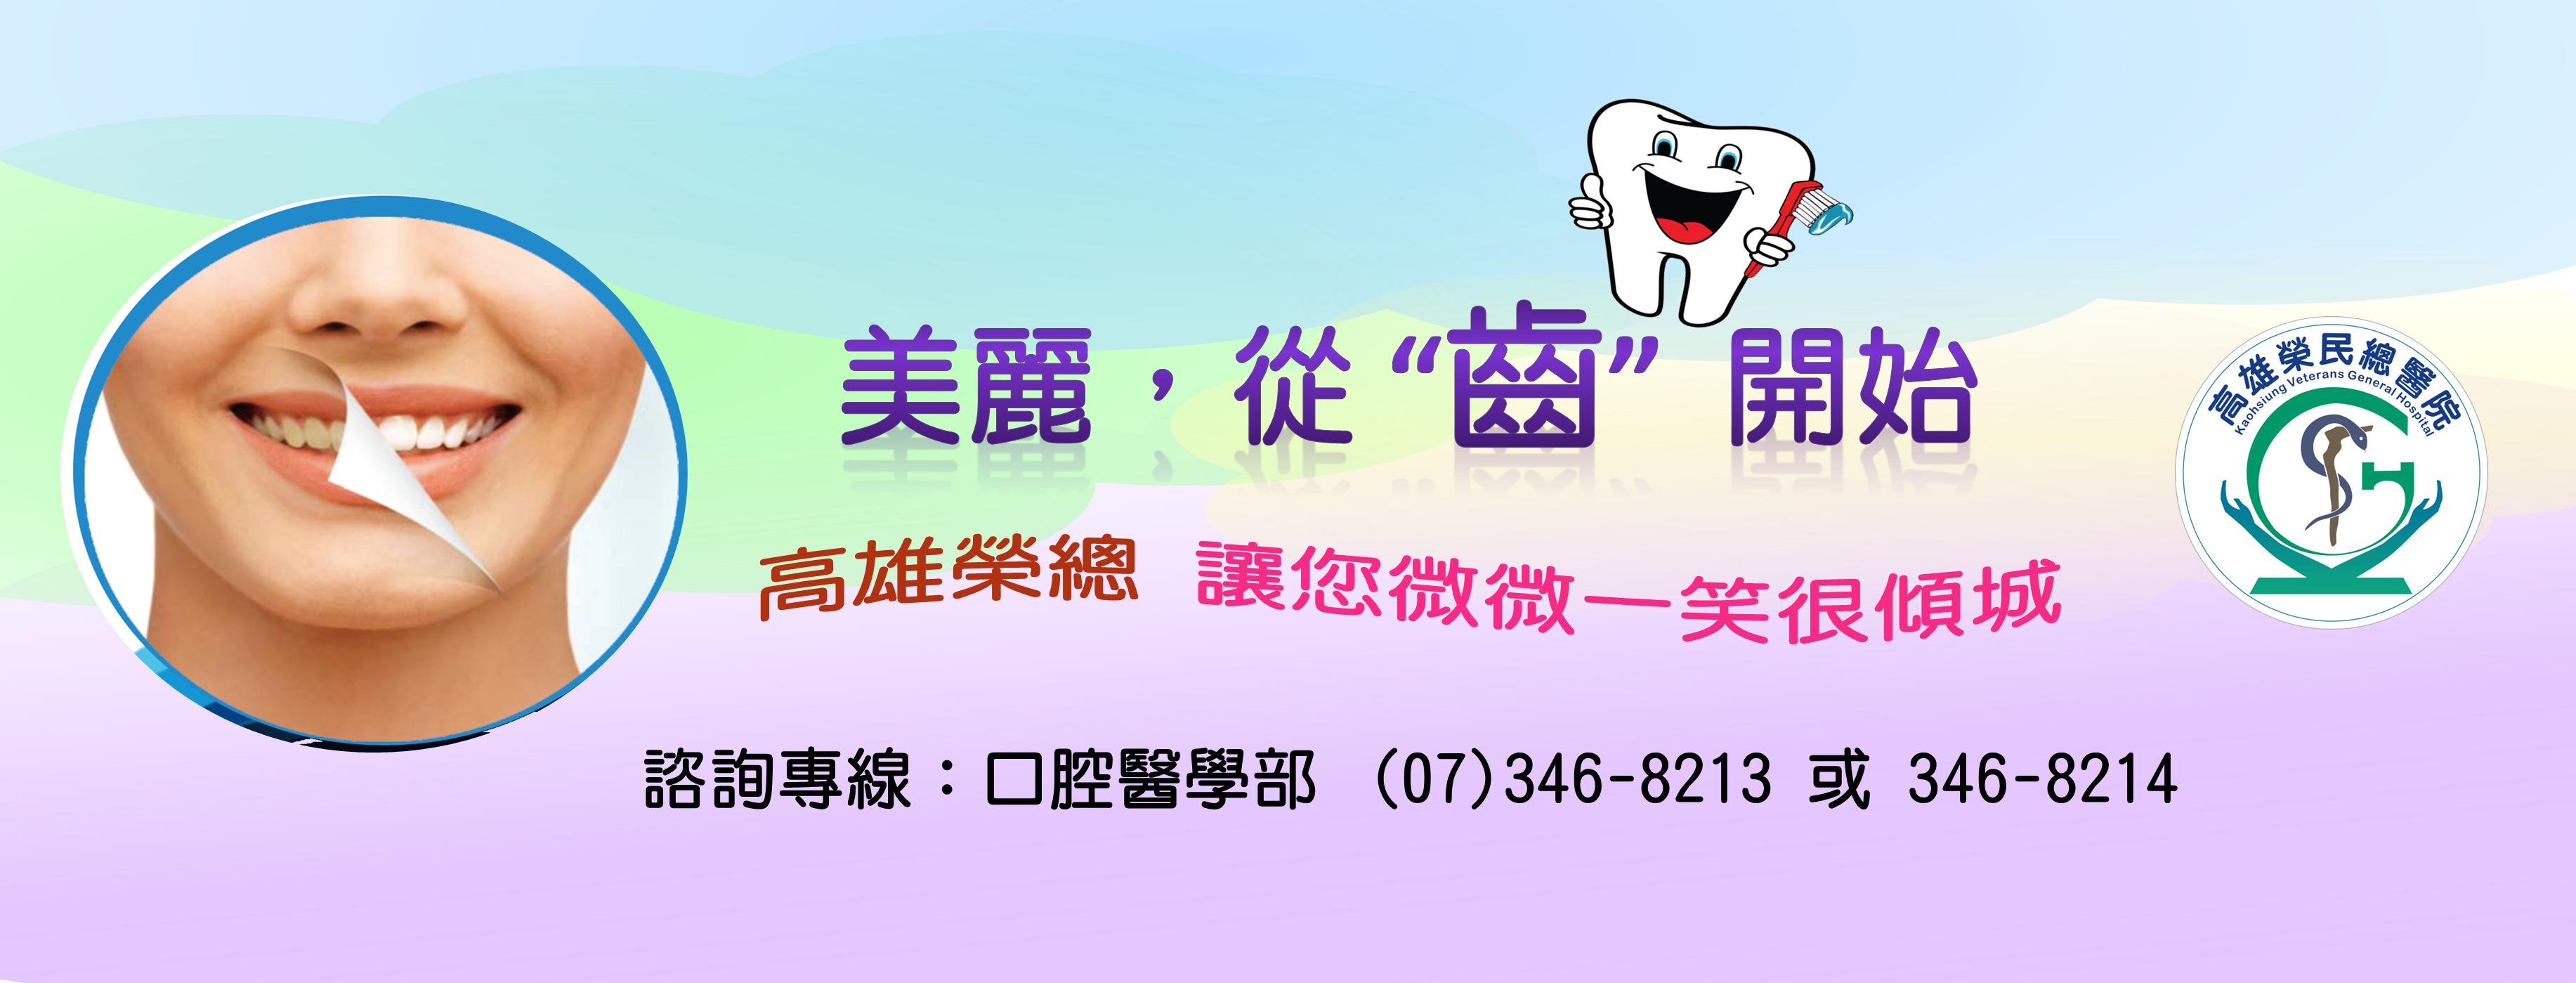 10708【口腔醫學部】 - 牙齒美白(圖片)